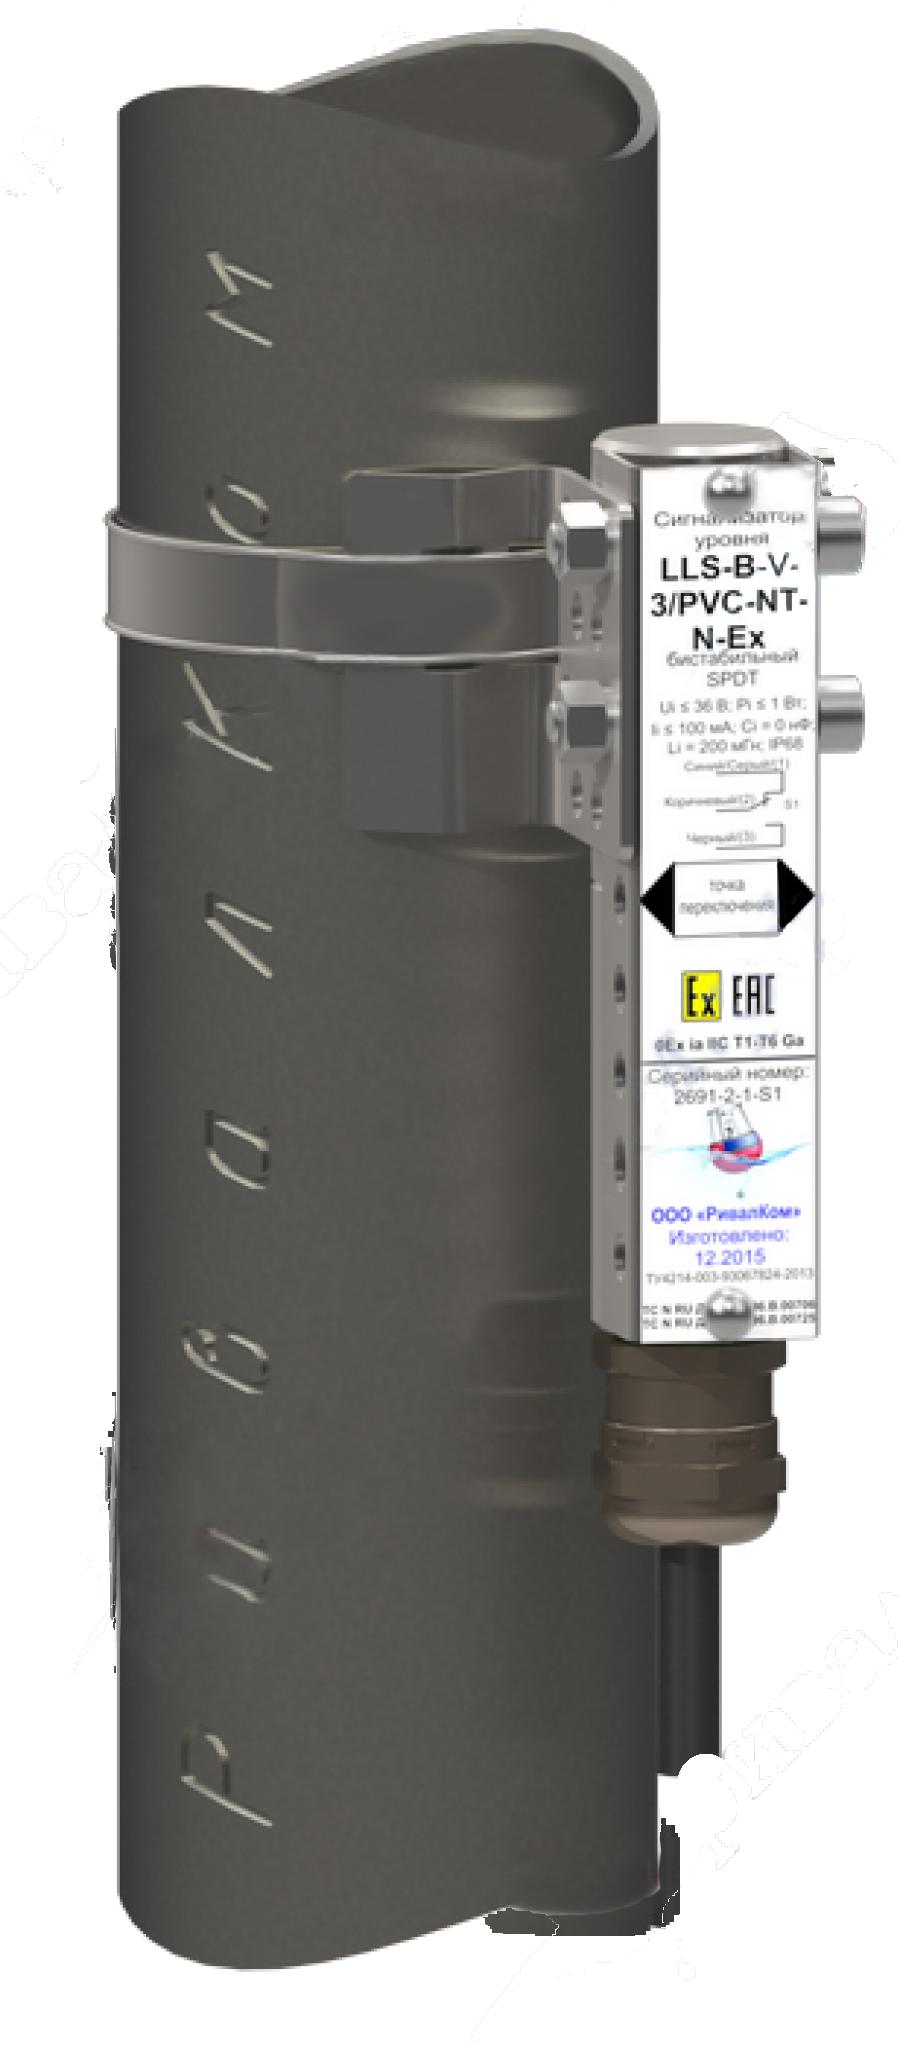 Cигнализатор уровня LLS-B для применения с указателем уровня LGB